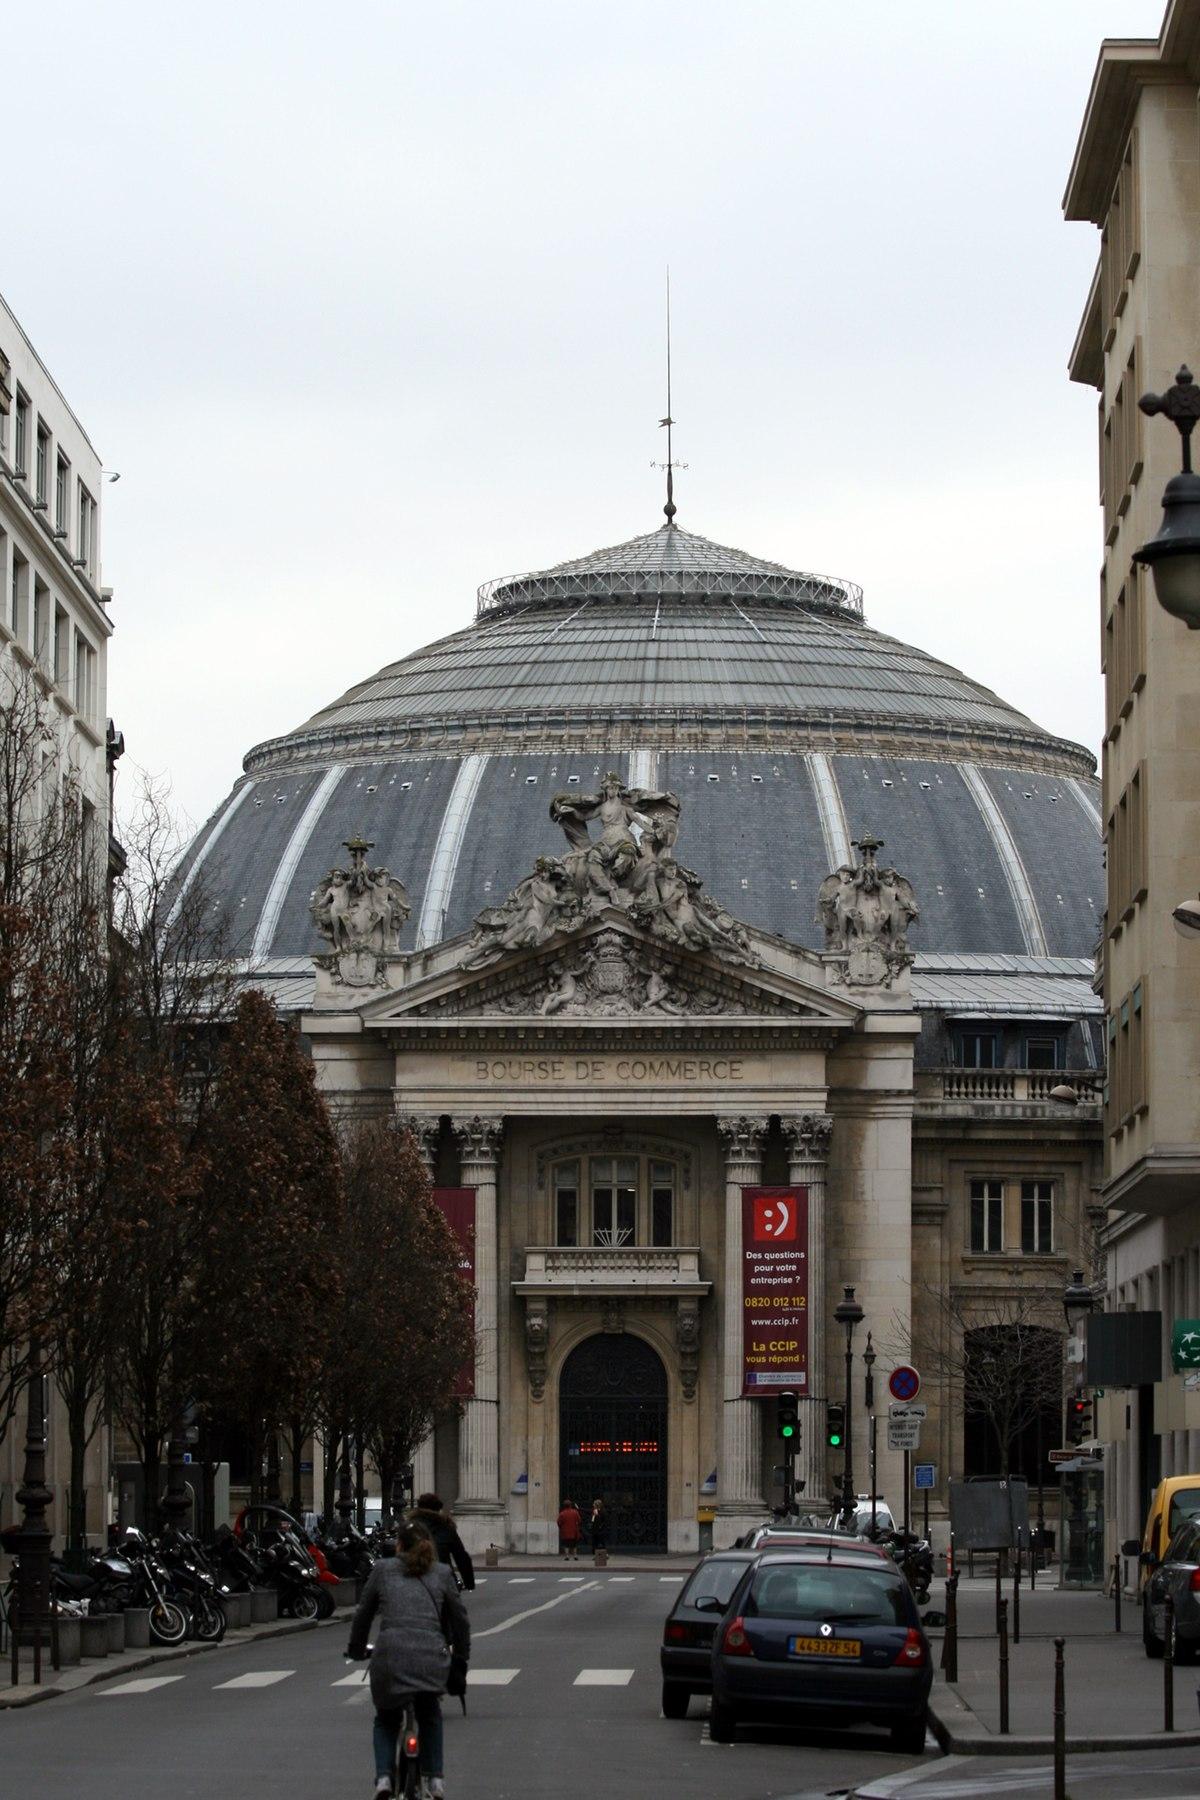 Borsa di commercio wikipedia - Chambre de commerce internationale paris ...